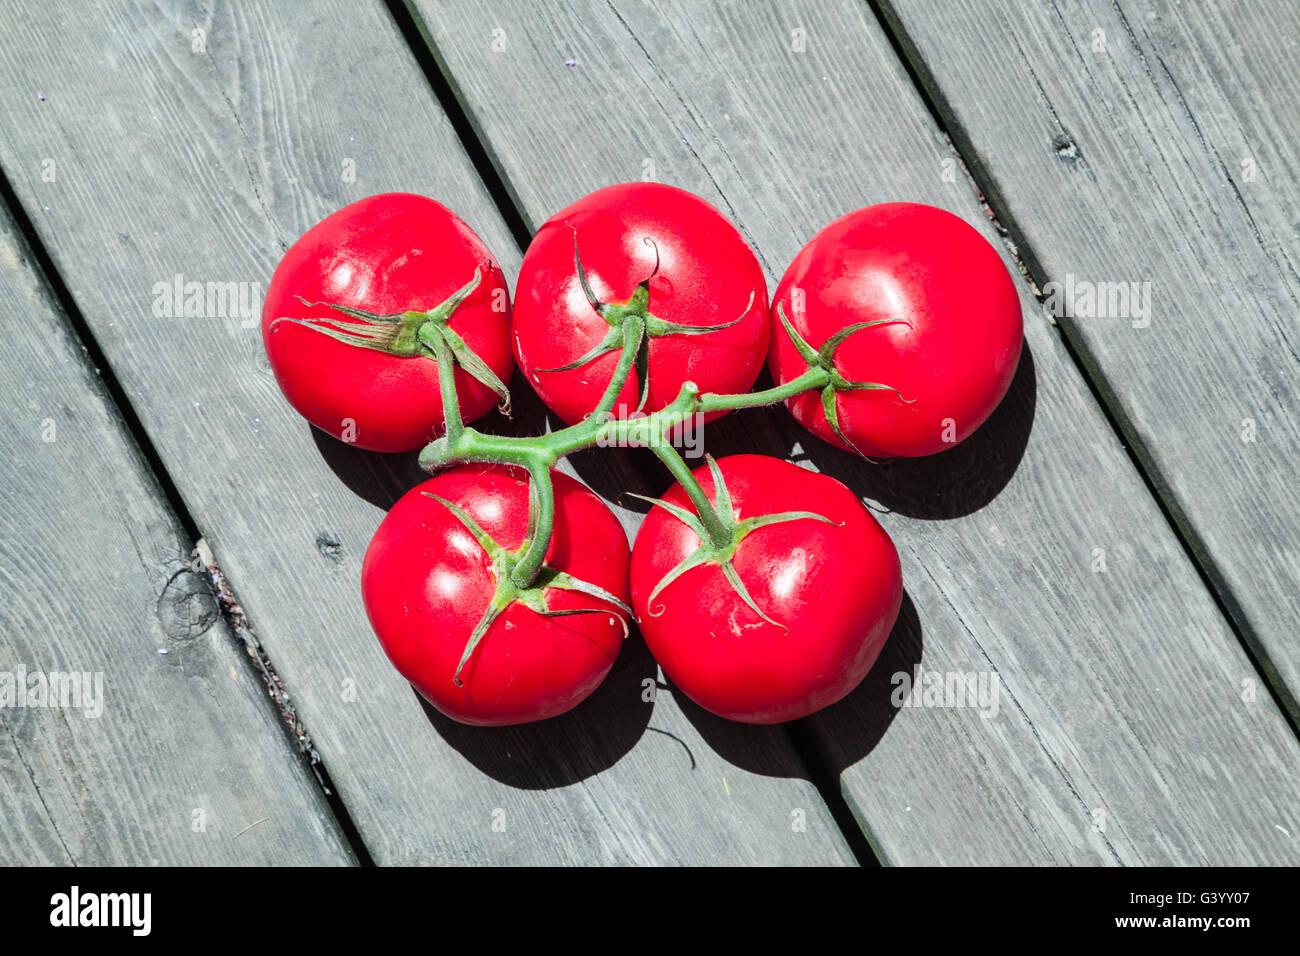 5 tomates rouges en forme de cercles olympiques au fond du bois-de-chaussée Photo Stock